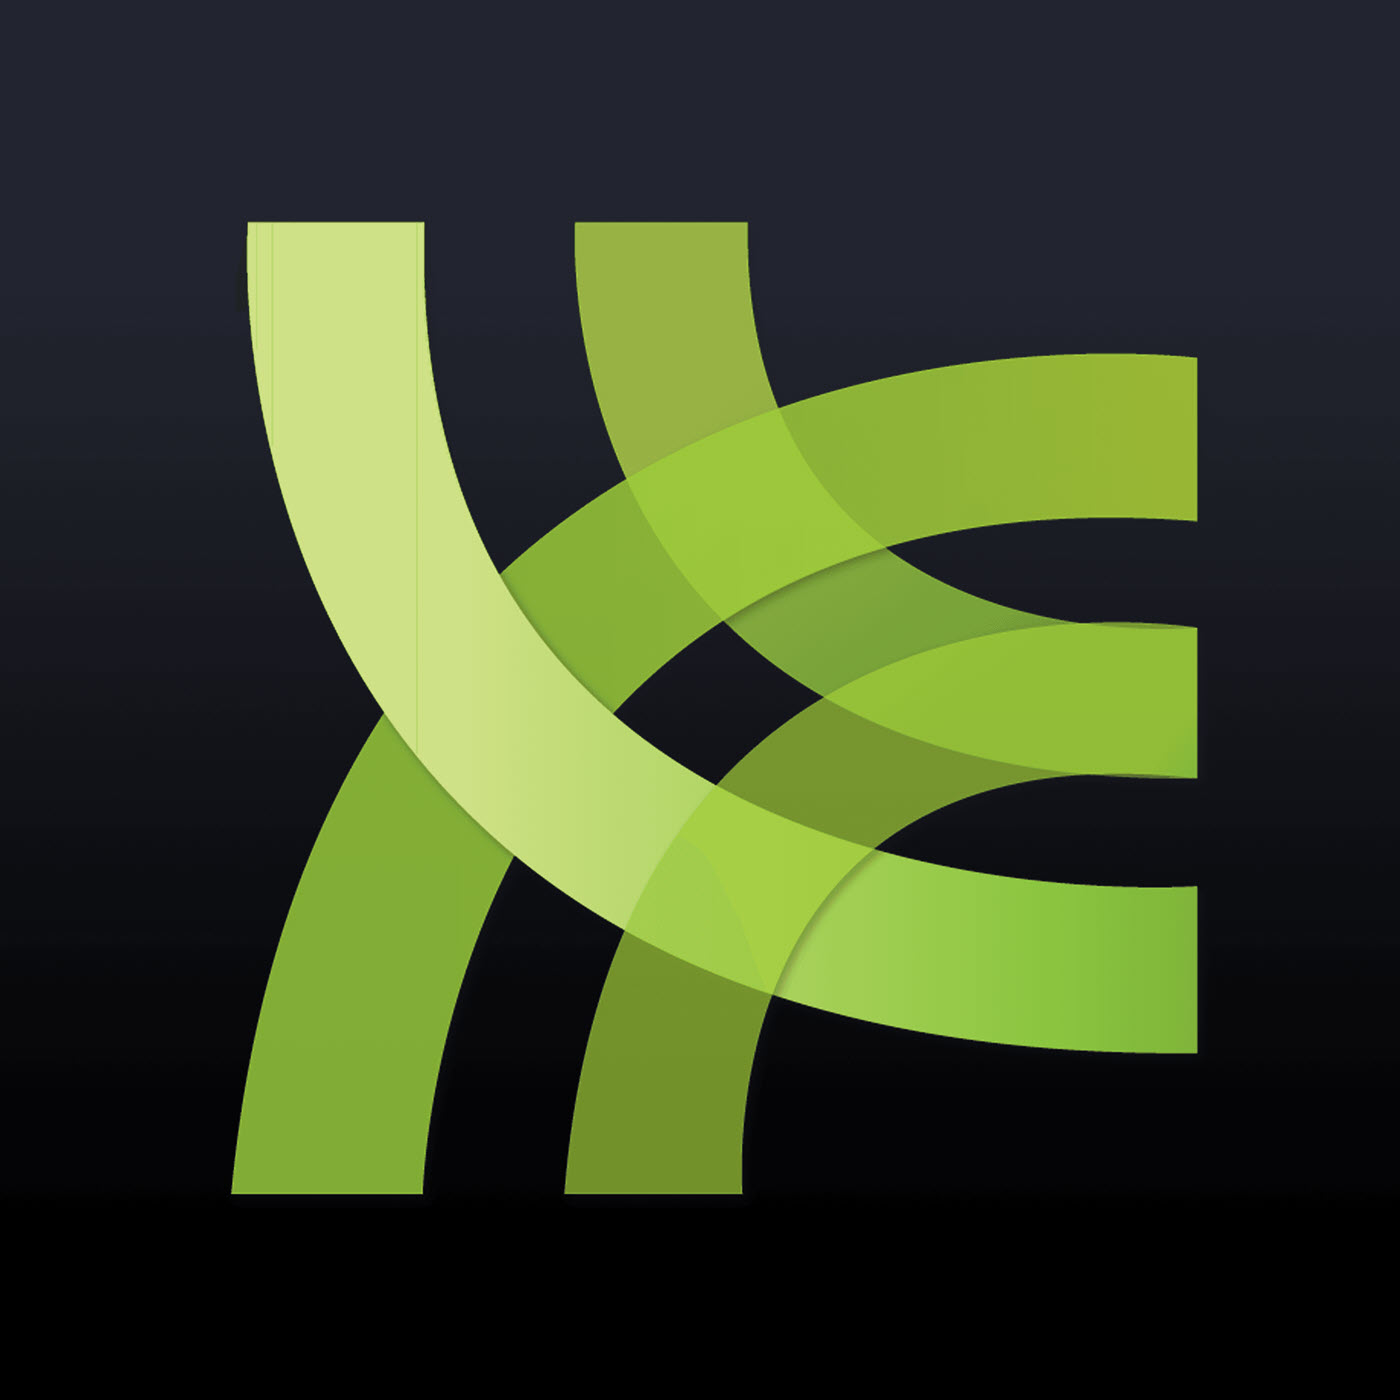 [Image: 43f-logo-square-300.png?nvb=200904030424...e1e92eced3]